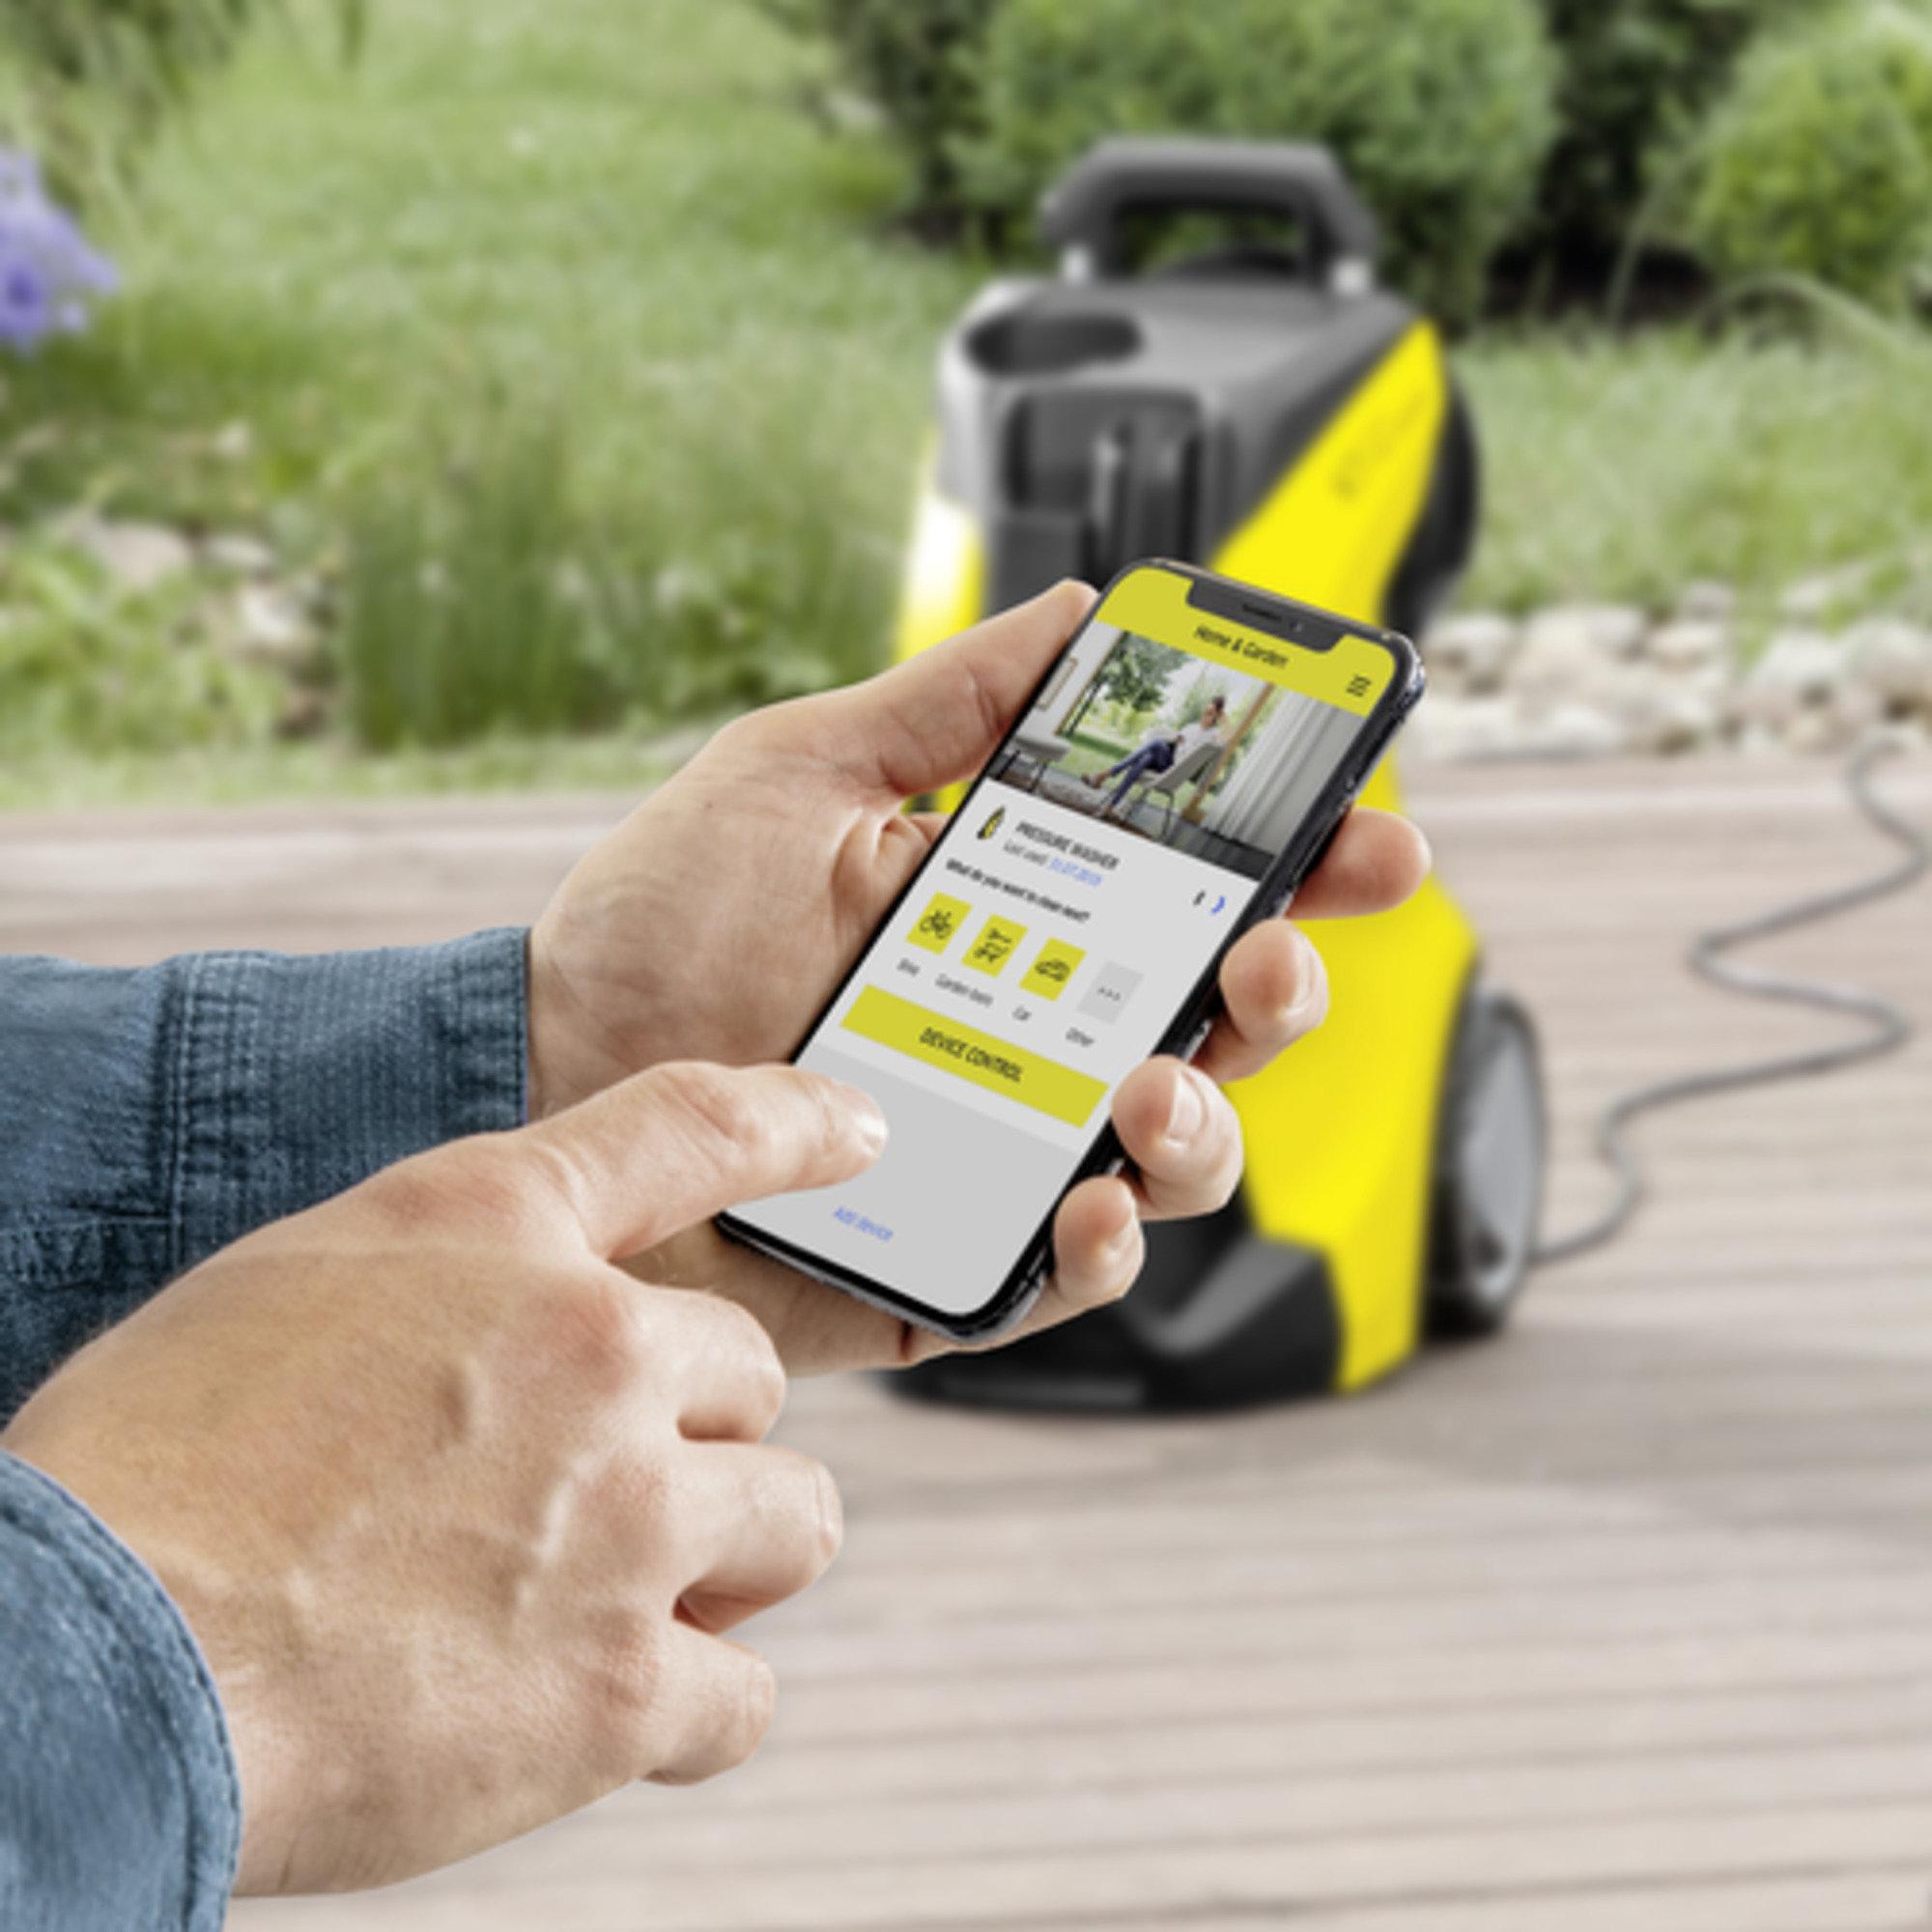 High pressure washer K 4 Premium Power Control: Home & Garden app